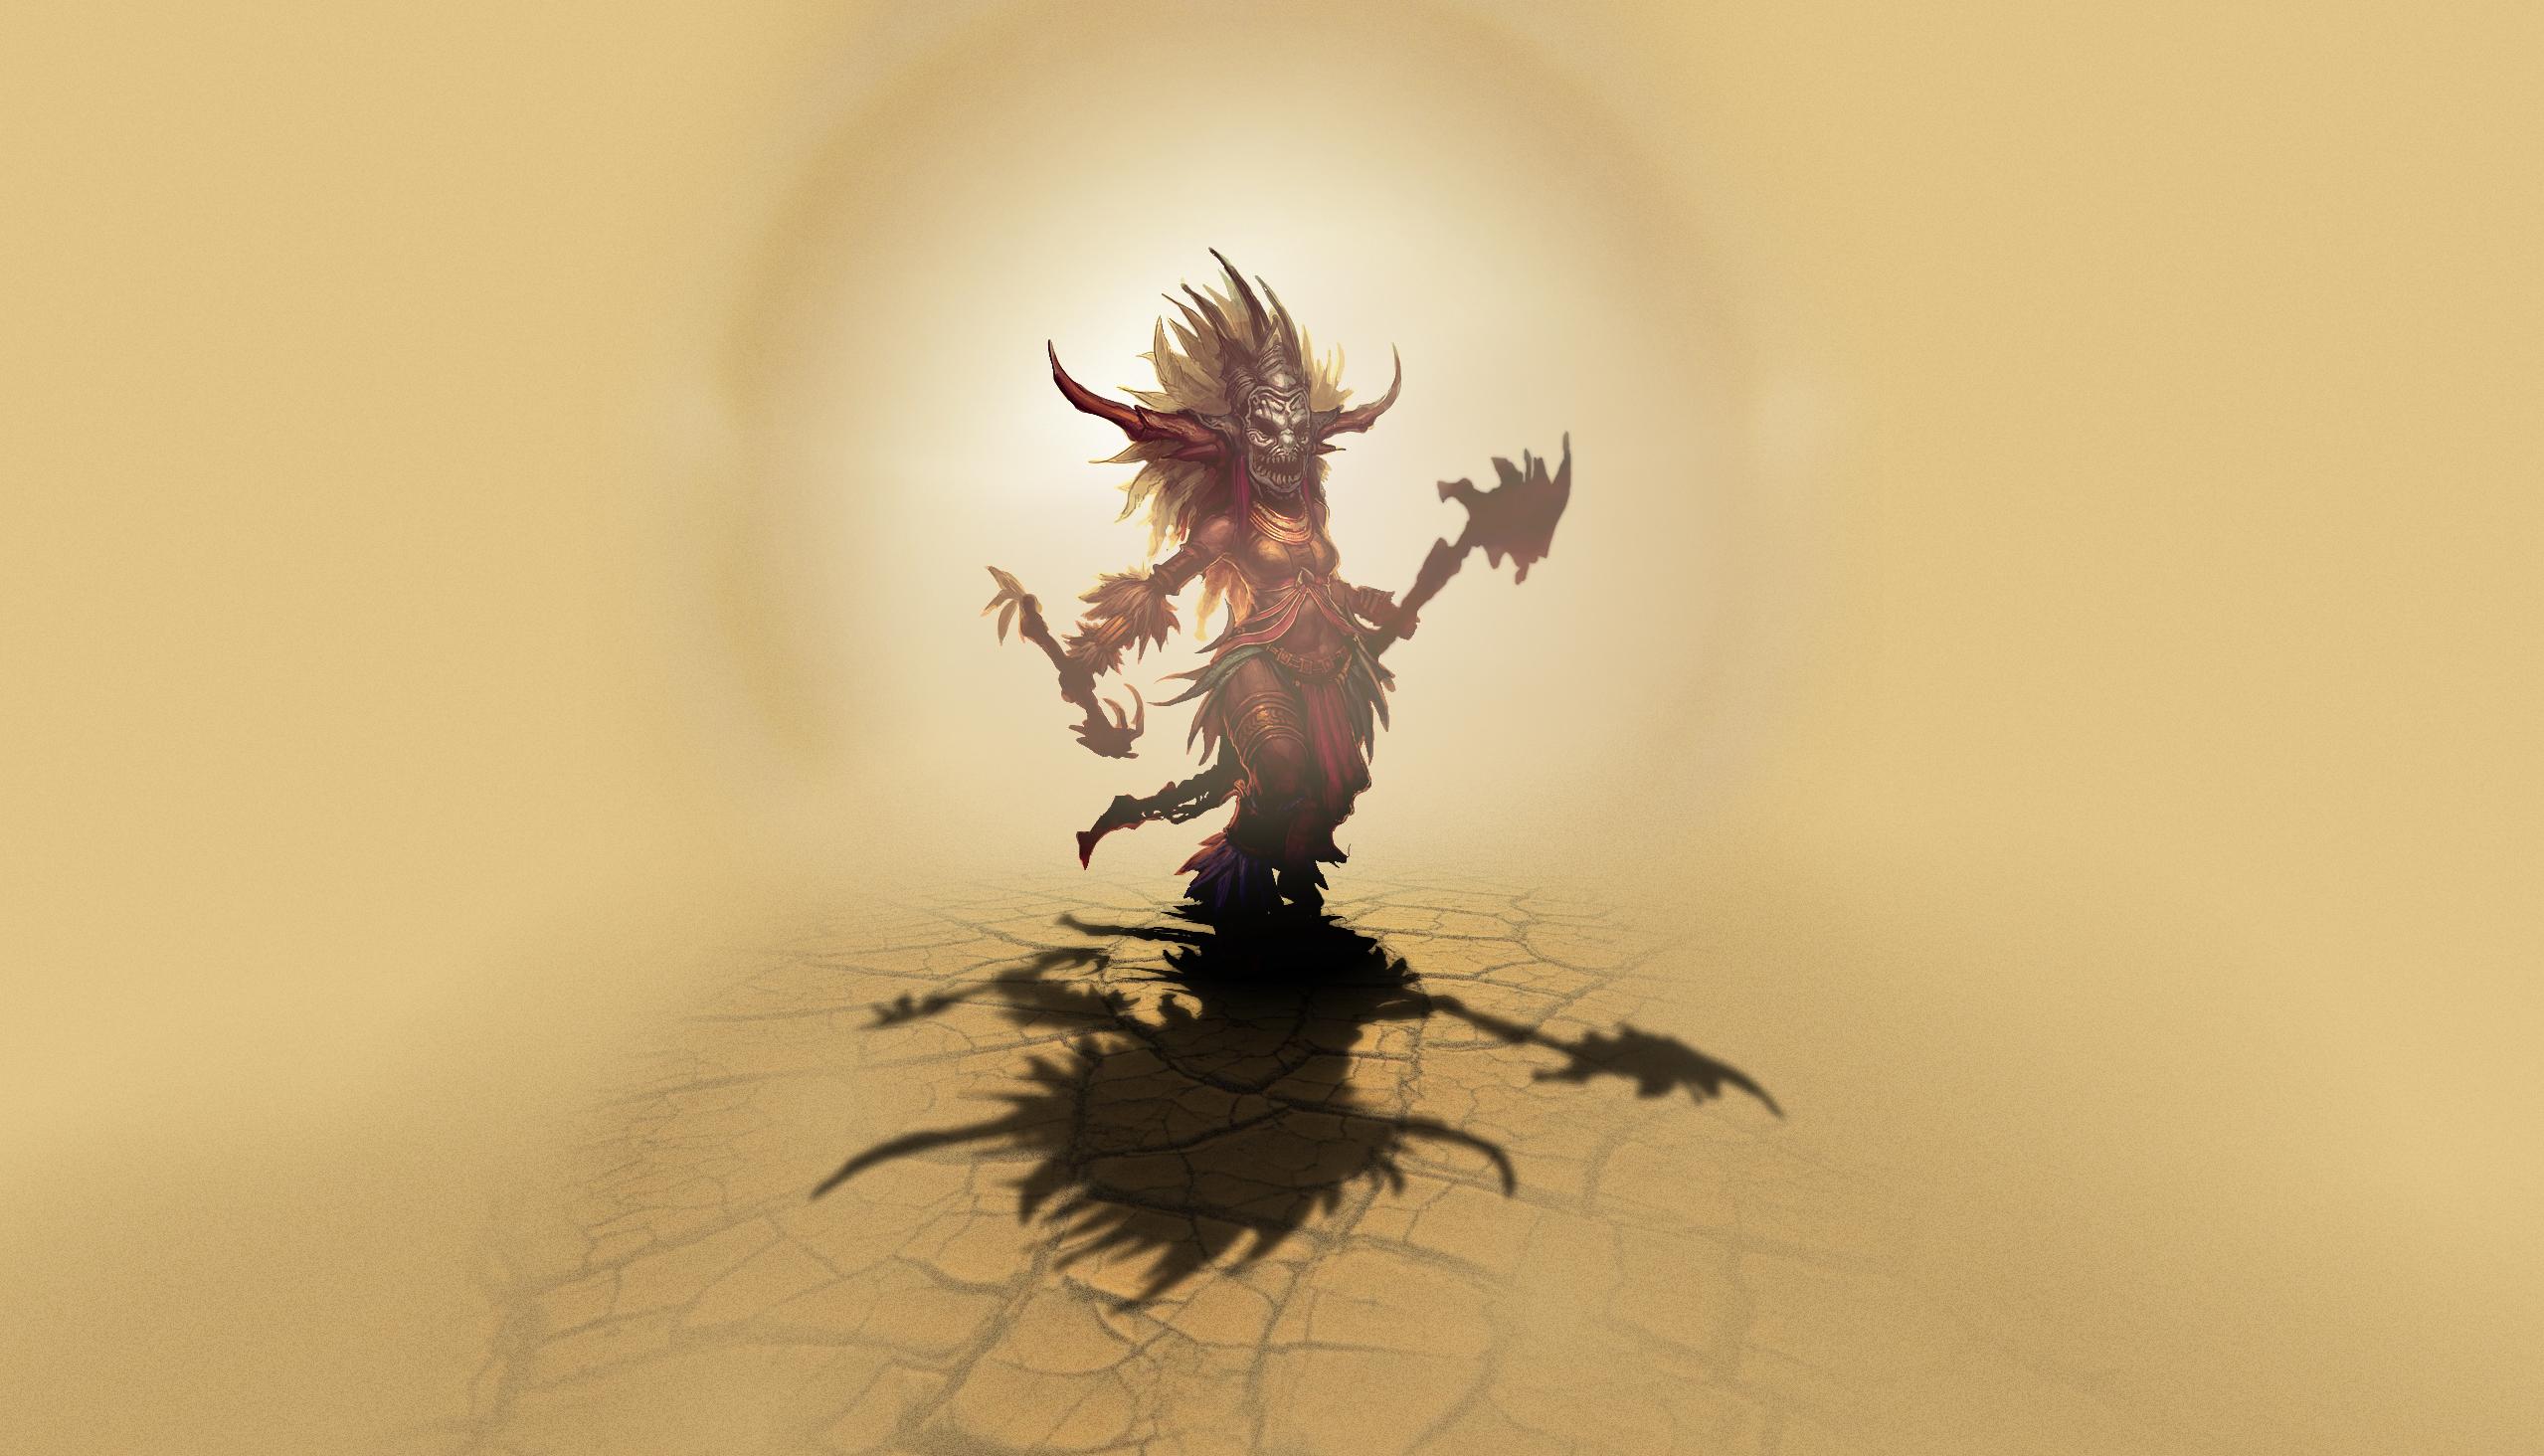 Video Game - Diablo III  Witch Doctor (Diablo III) Wallpaper